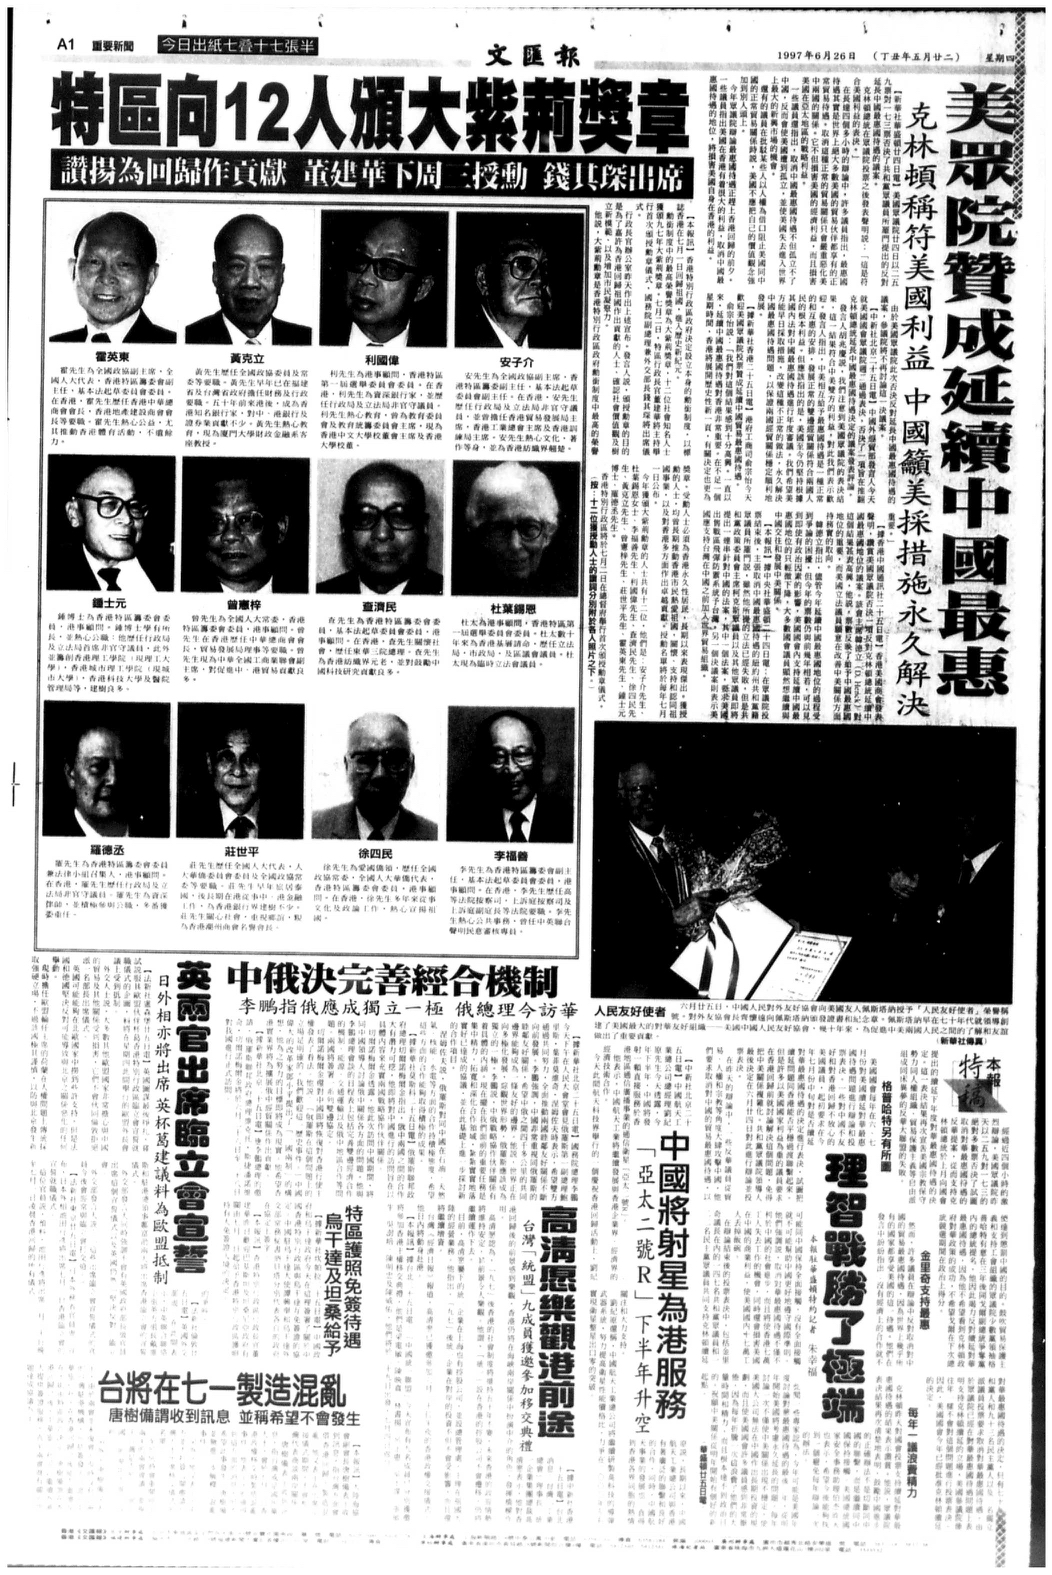 1997年6月26日,《文匯報》A1版的頭條是特區政府向12人頒發大紫荊勛章,傳台灣製造混亂的新聞放在了左下角落。